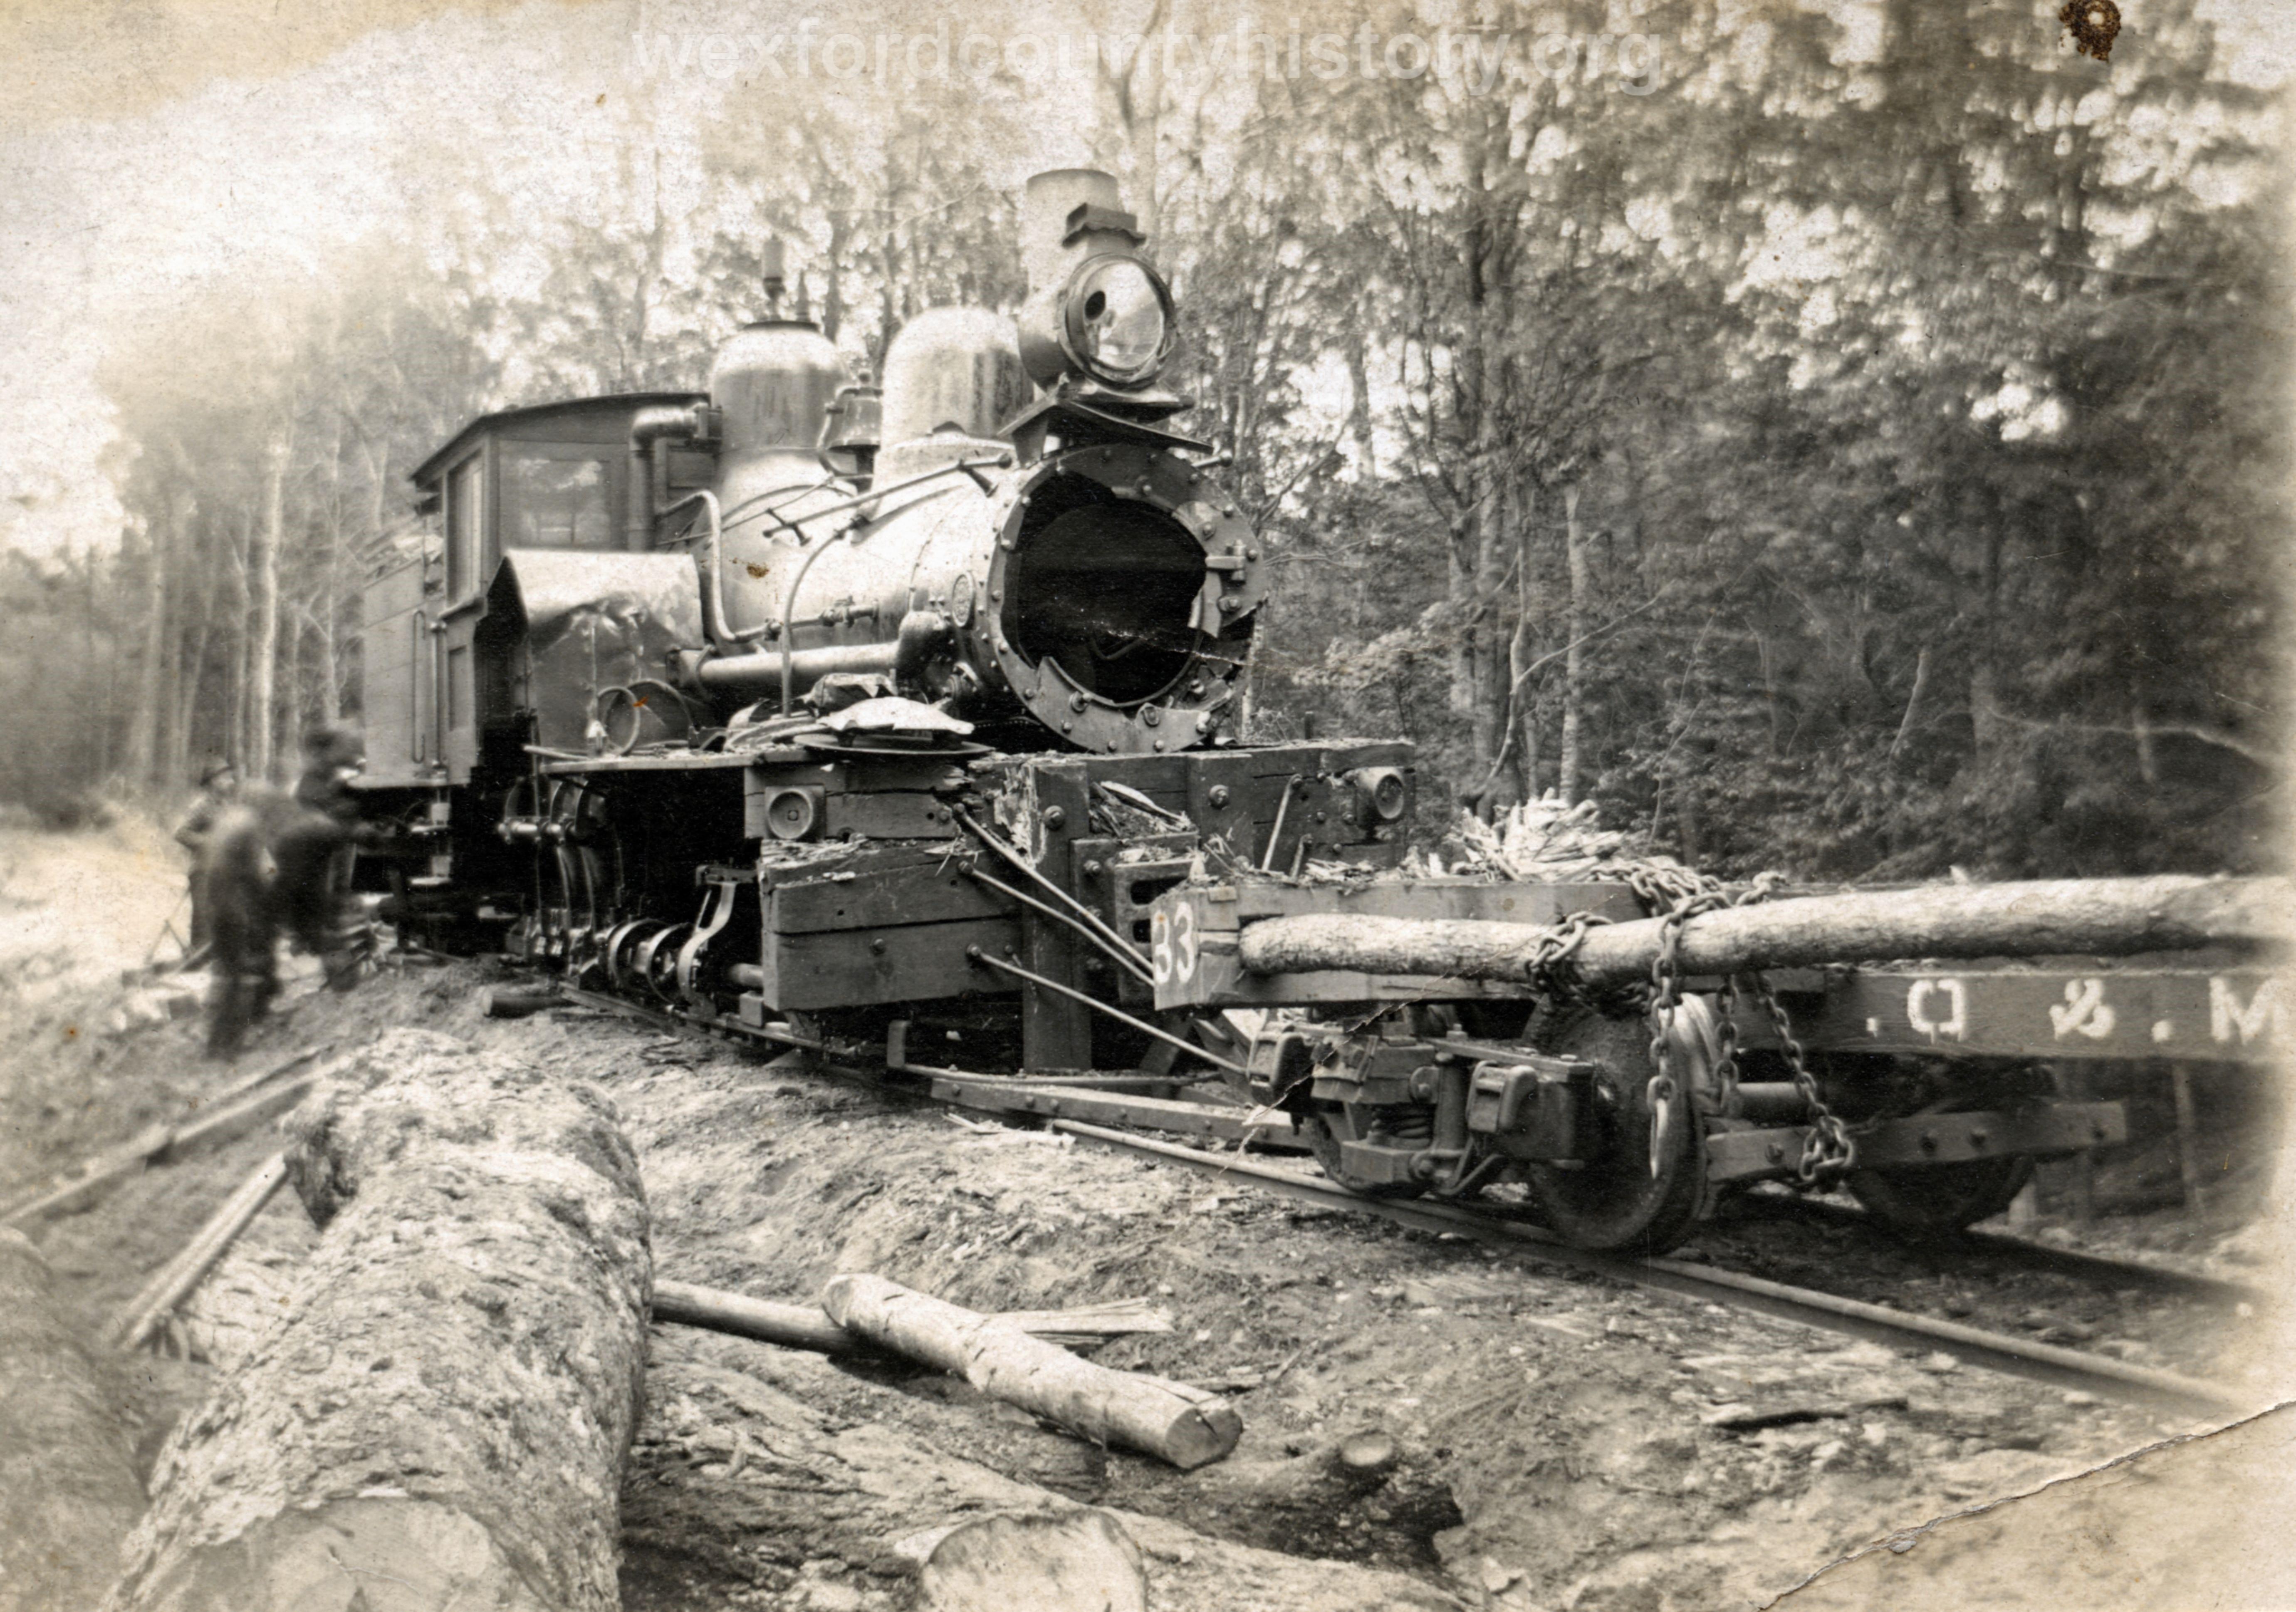 Cadillac-Lumber-Cummer-Diggins-Locomotive-5-Lima-Number-936-after-boiler-explotion-in-1923